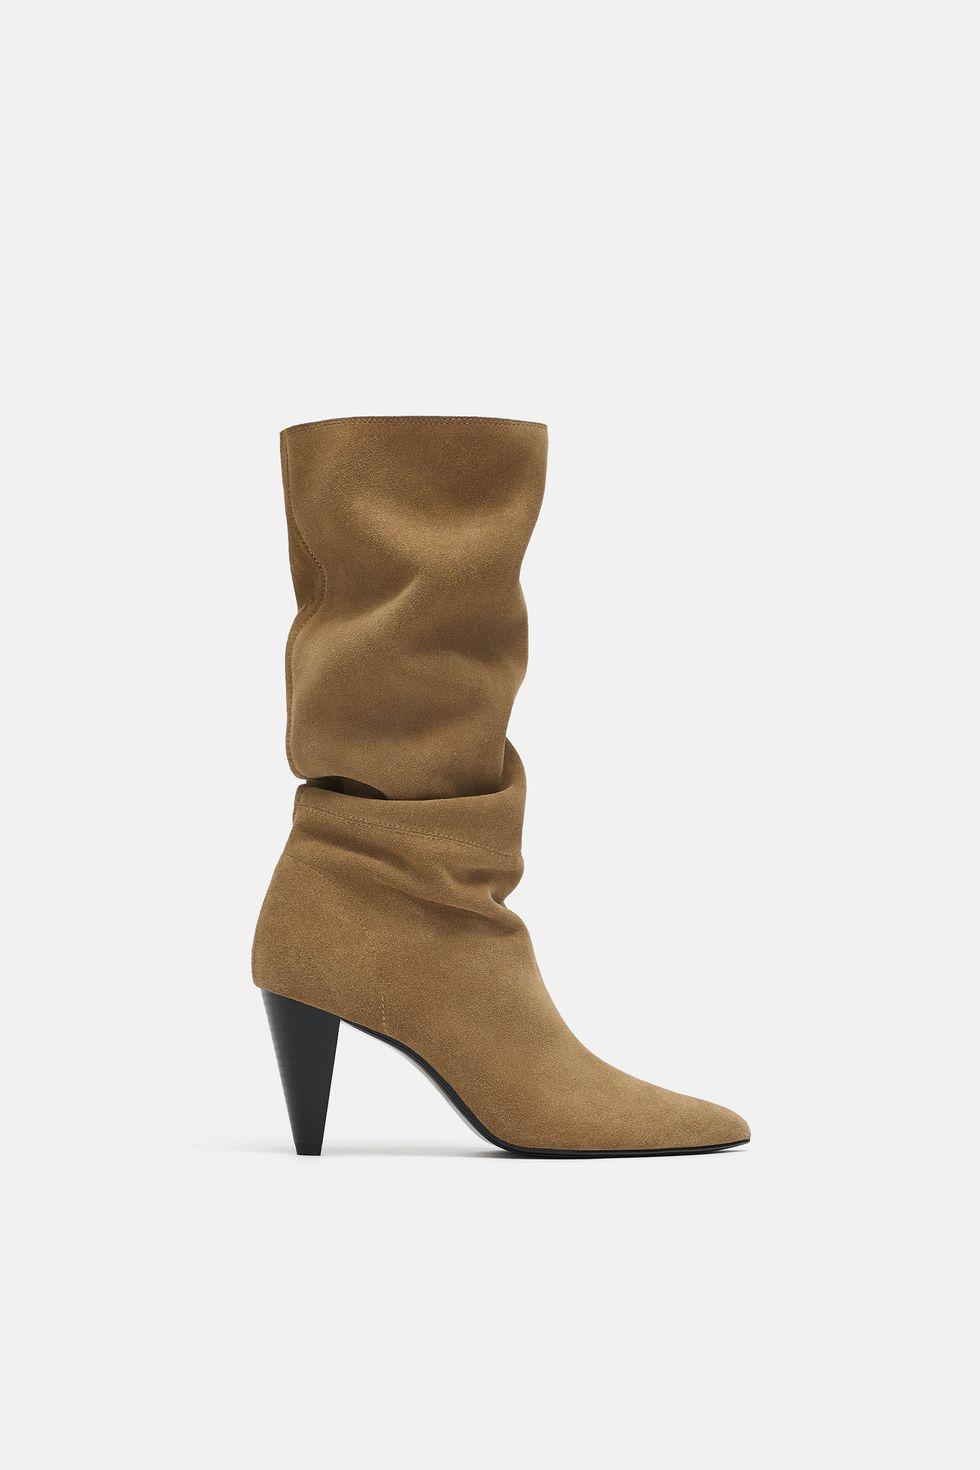 Estos 20 pares de botas y botines están superebajados | ropa